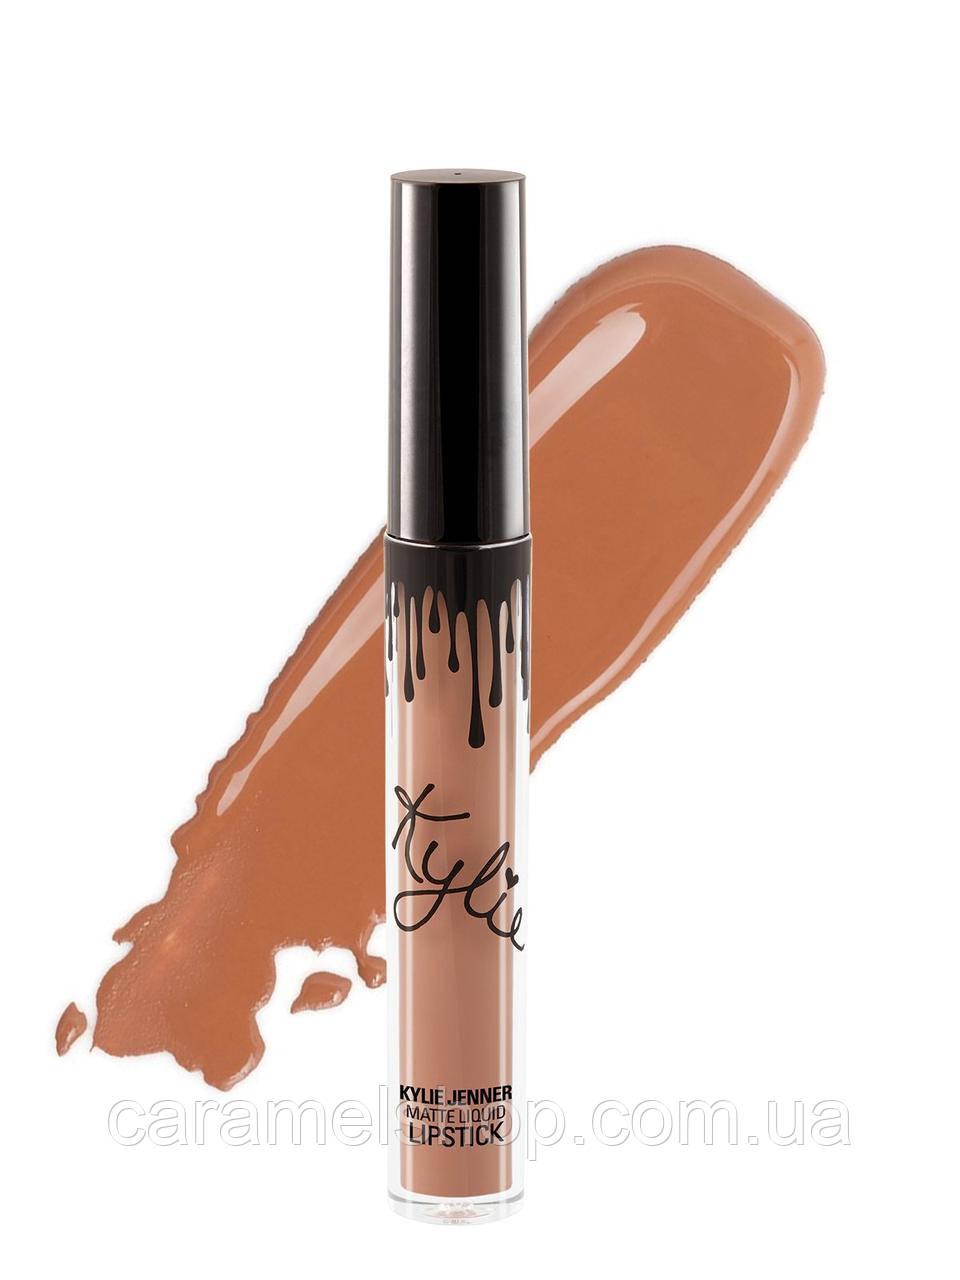 Жидкая матовая помада Kylie 8653 цвет Hazel   Matte Liquid Lipstick реплика